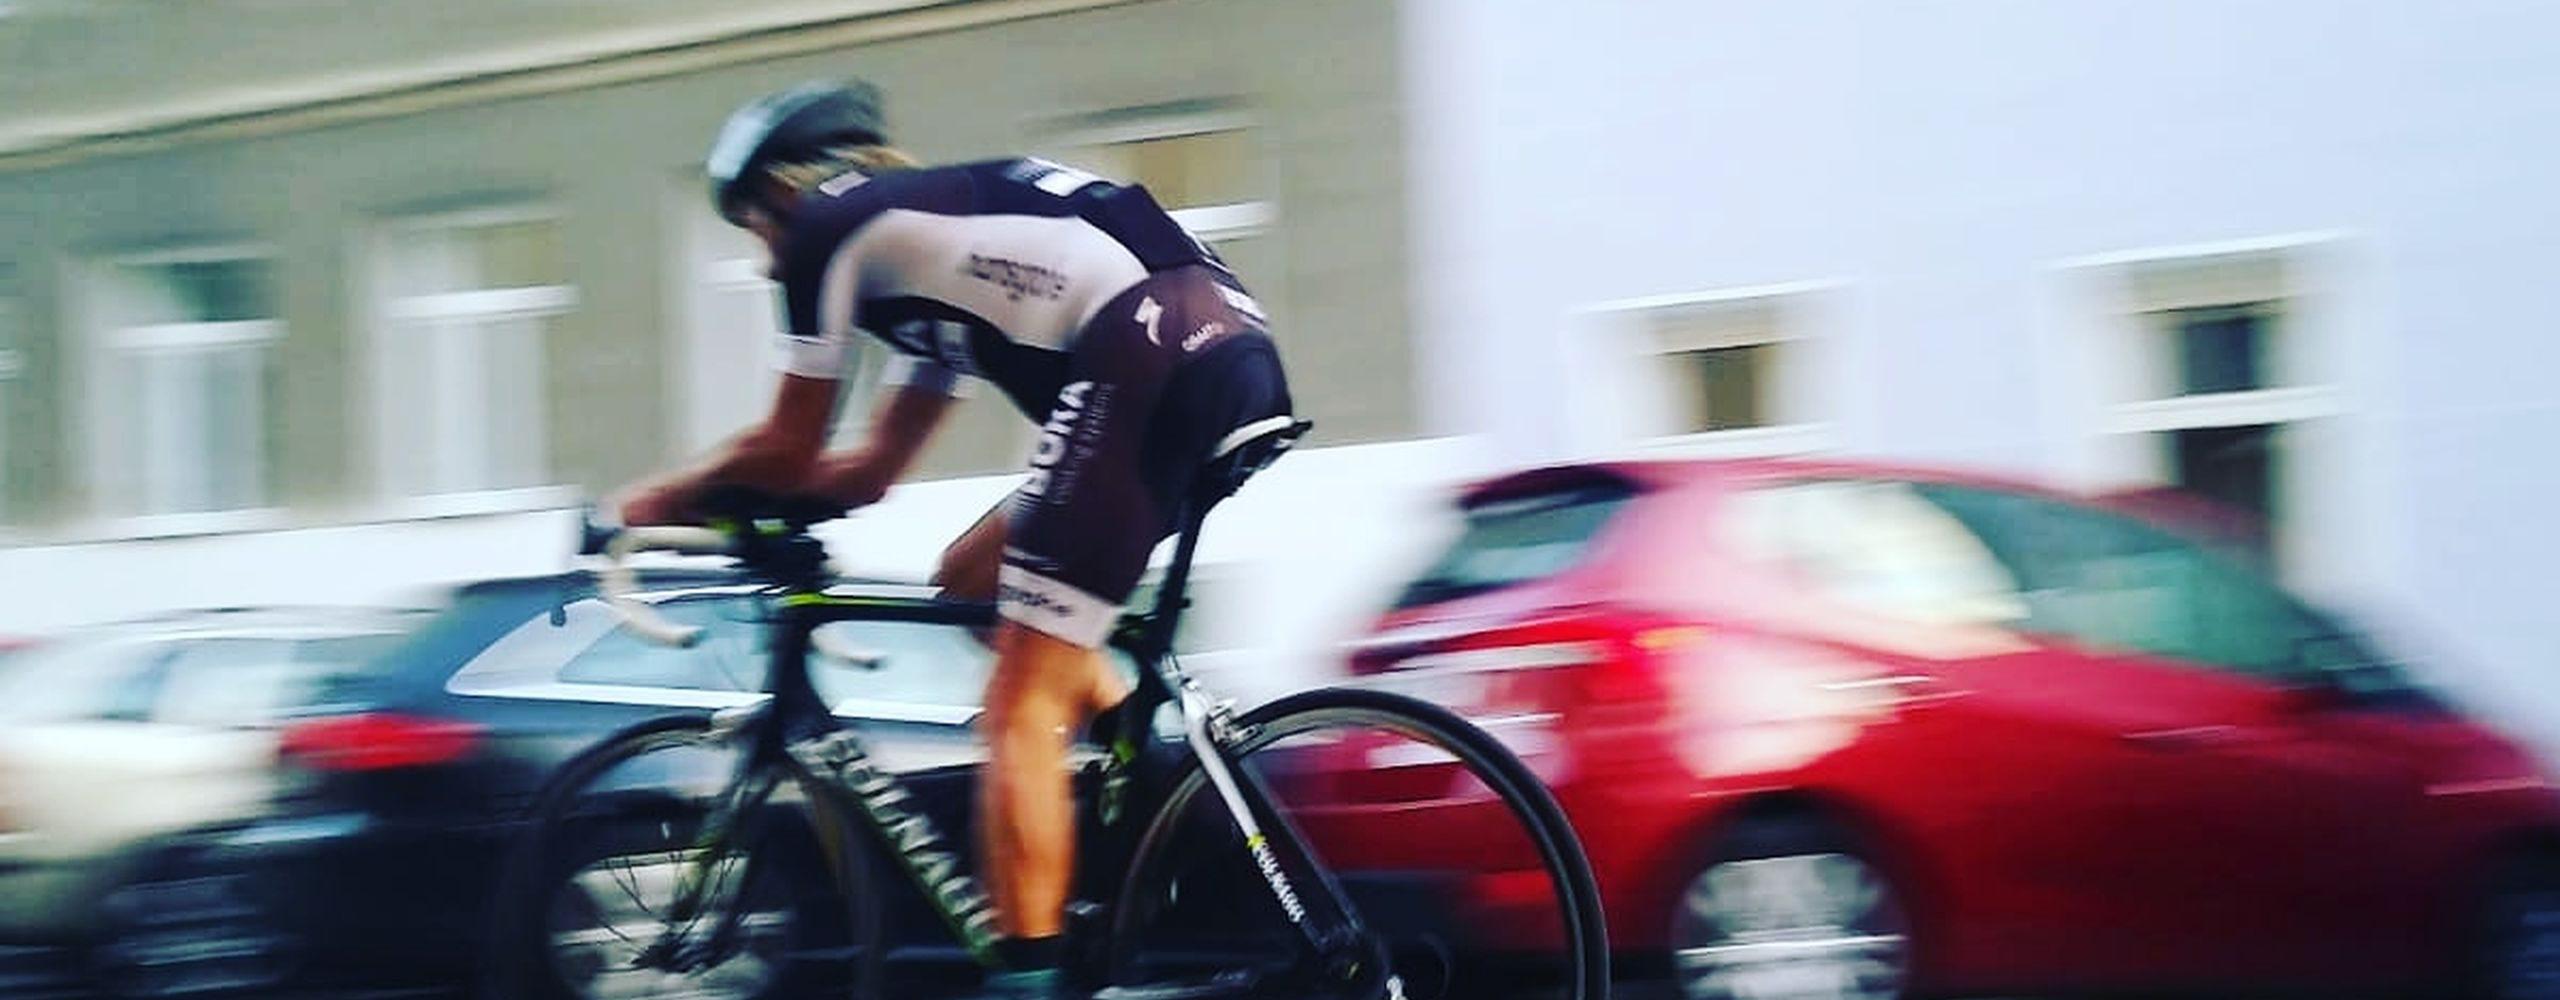 Radrekord 24hbikechallenge Foto Günter Heidinger